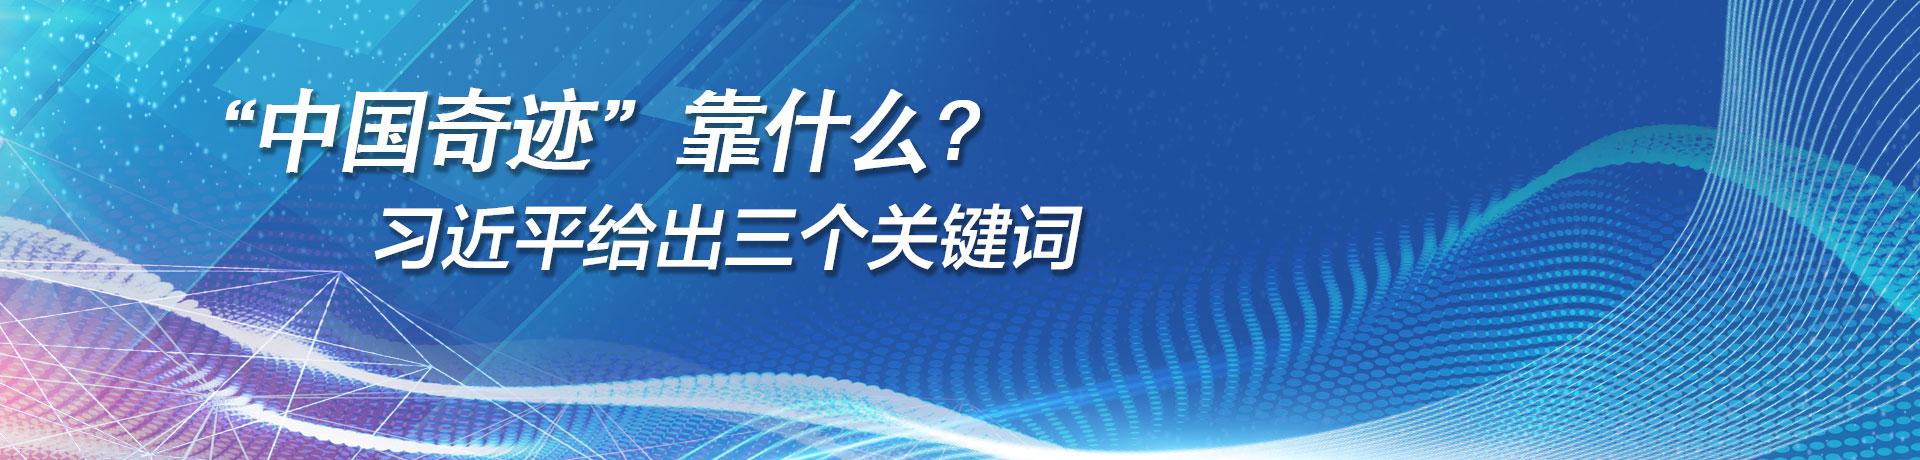 """""""中國奇跡""""靠什么?習近平給出三個關鍵詞"""